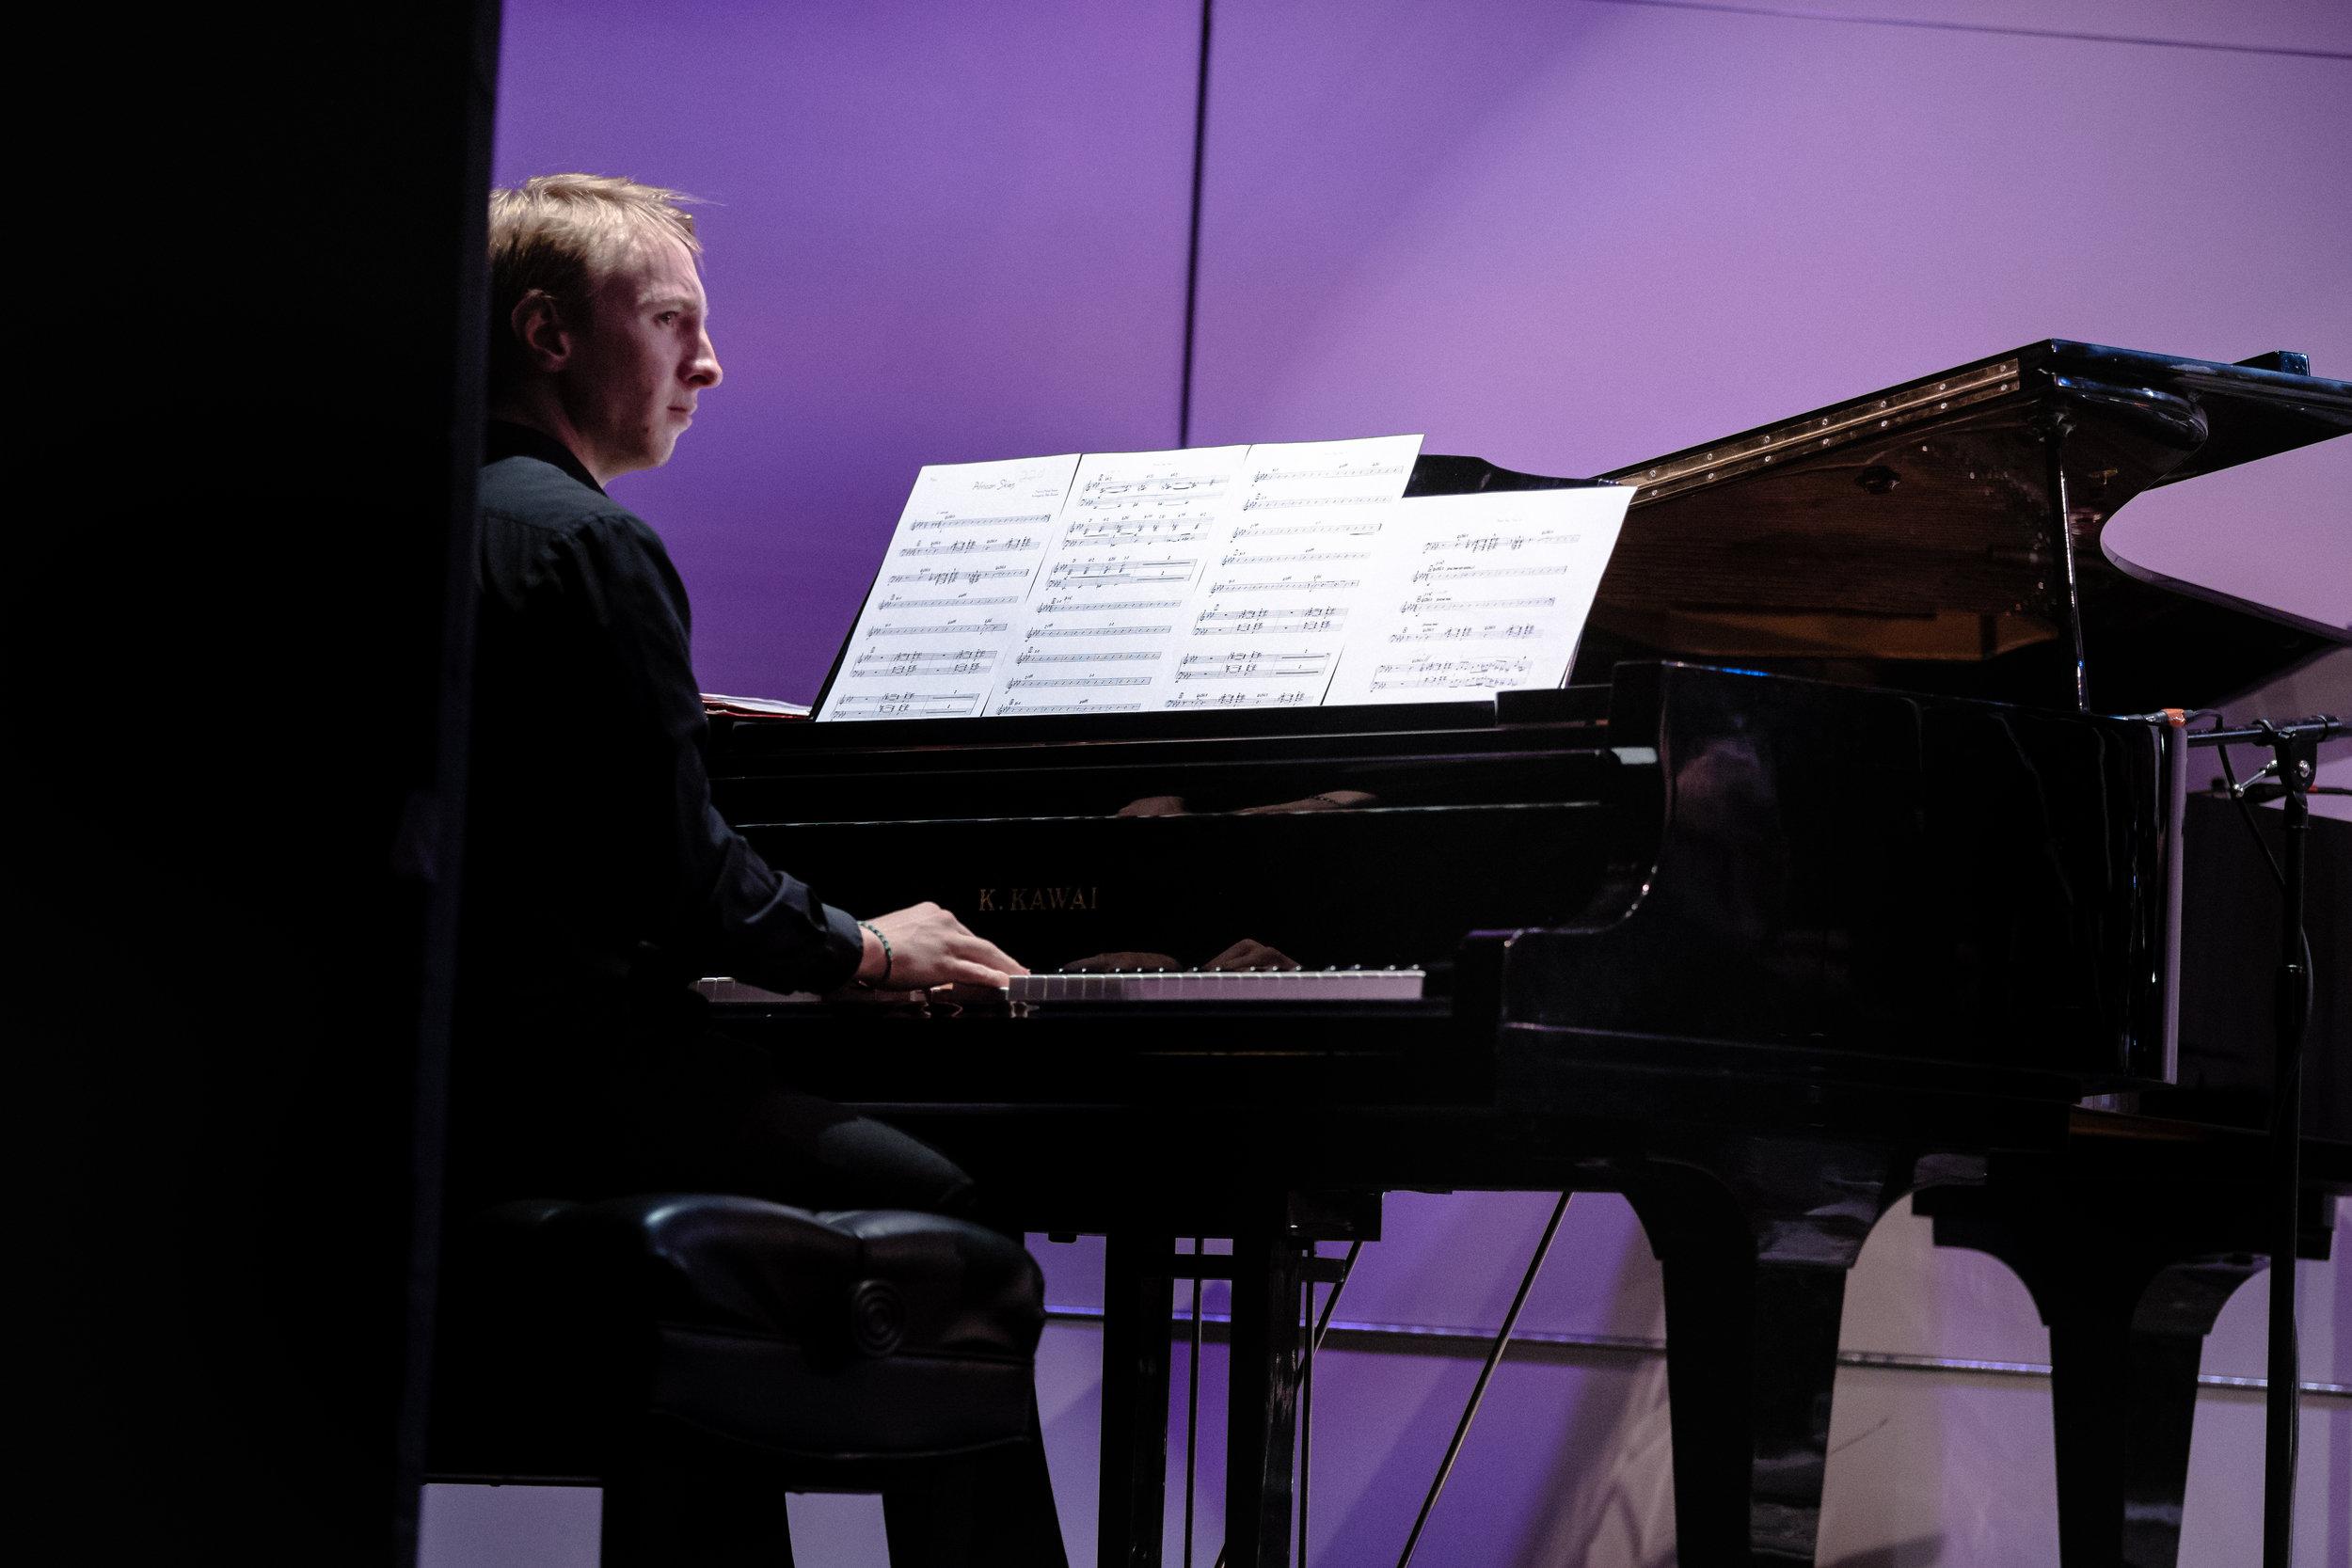 James Morgan, piano